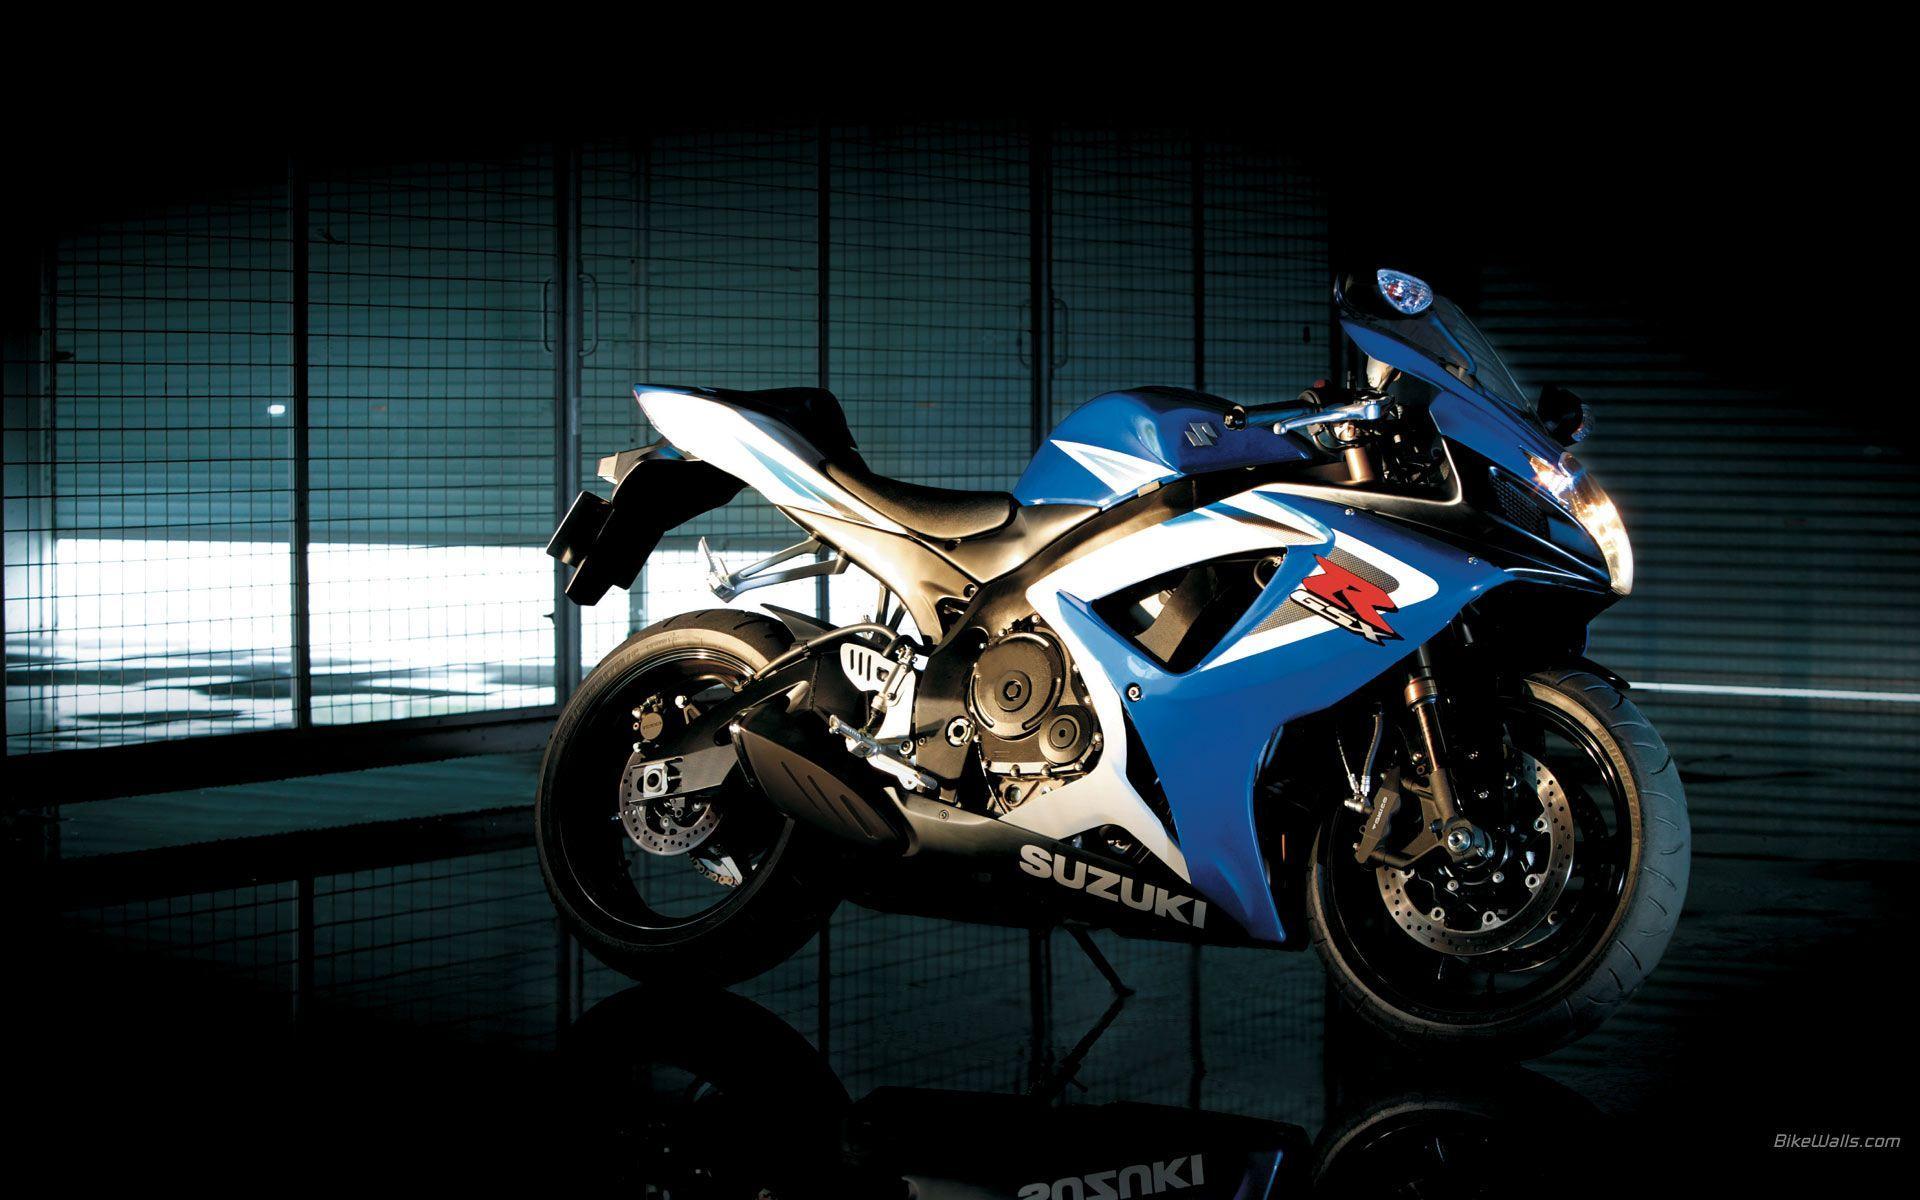 Suzuki Bikes Wallpapers - Full HD wallpaper search